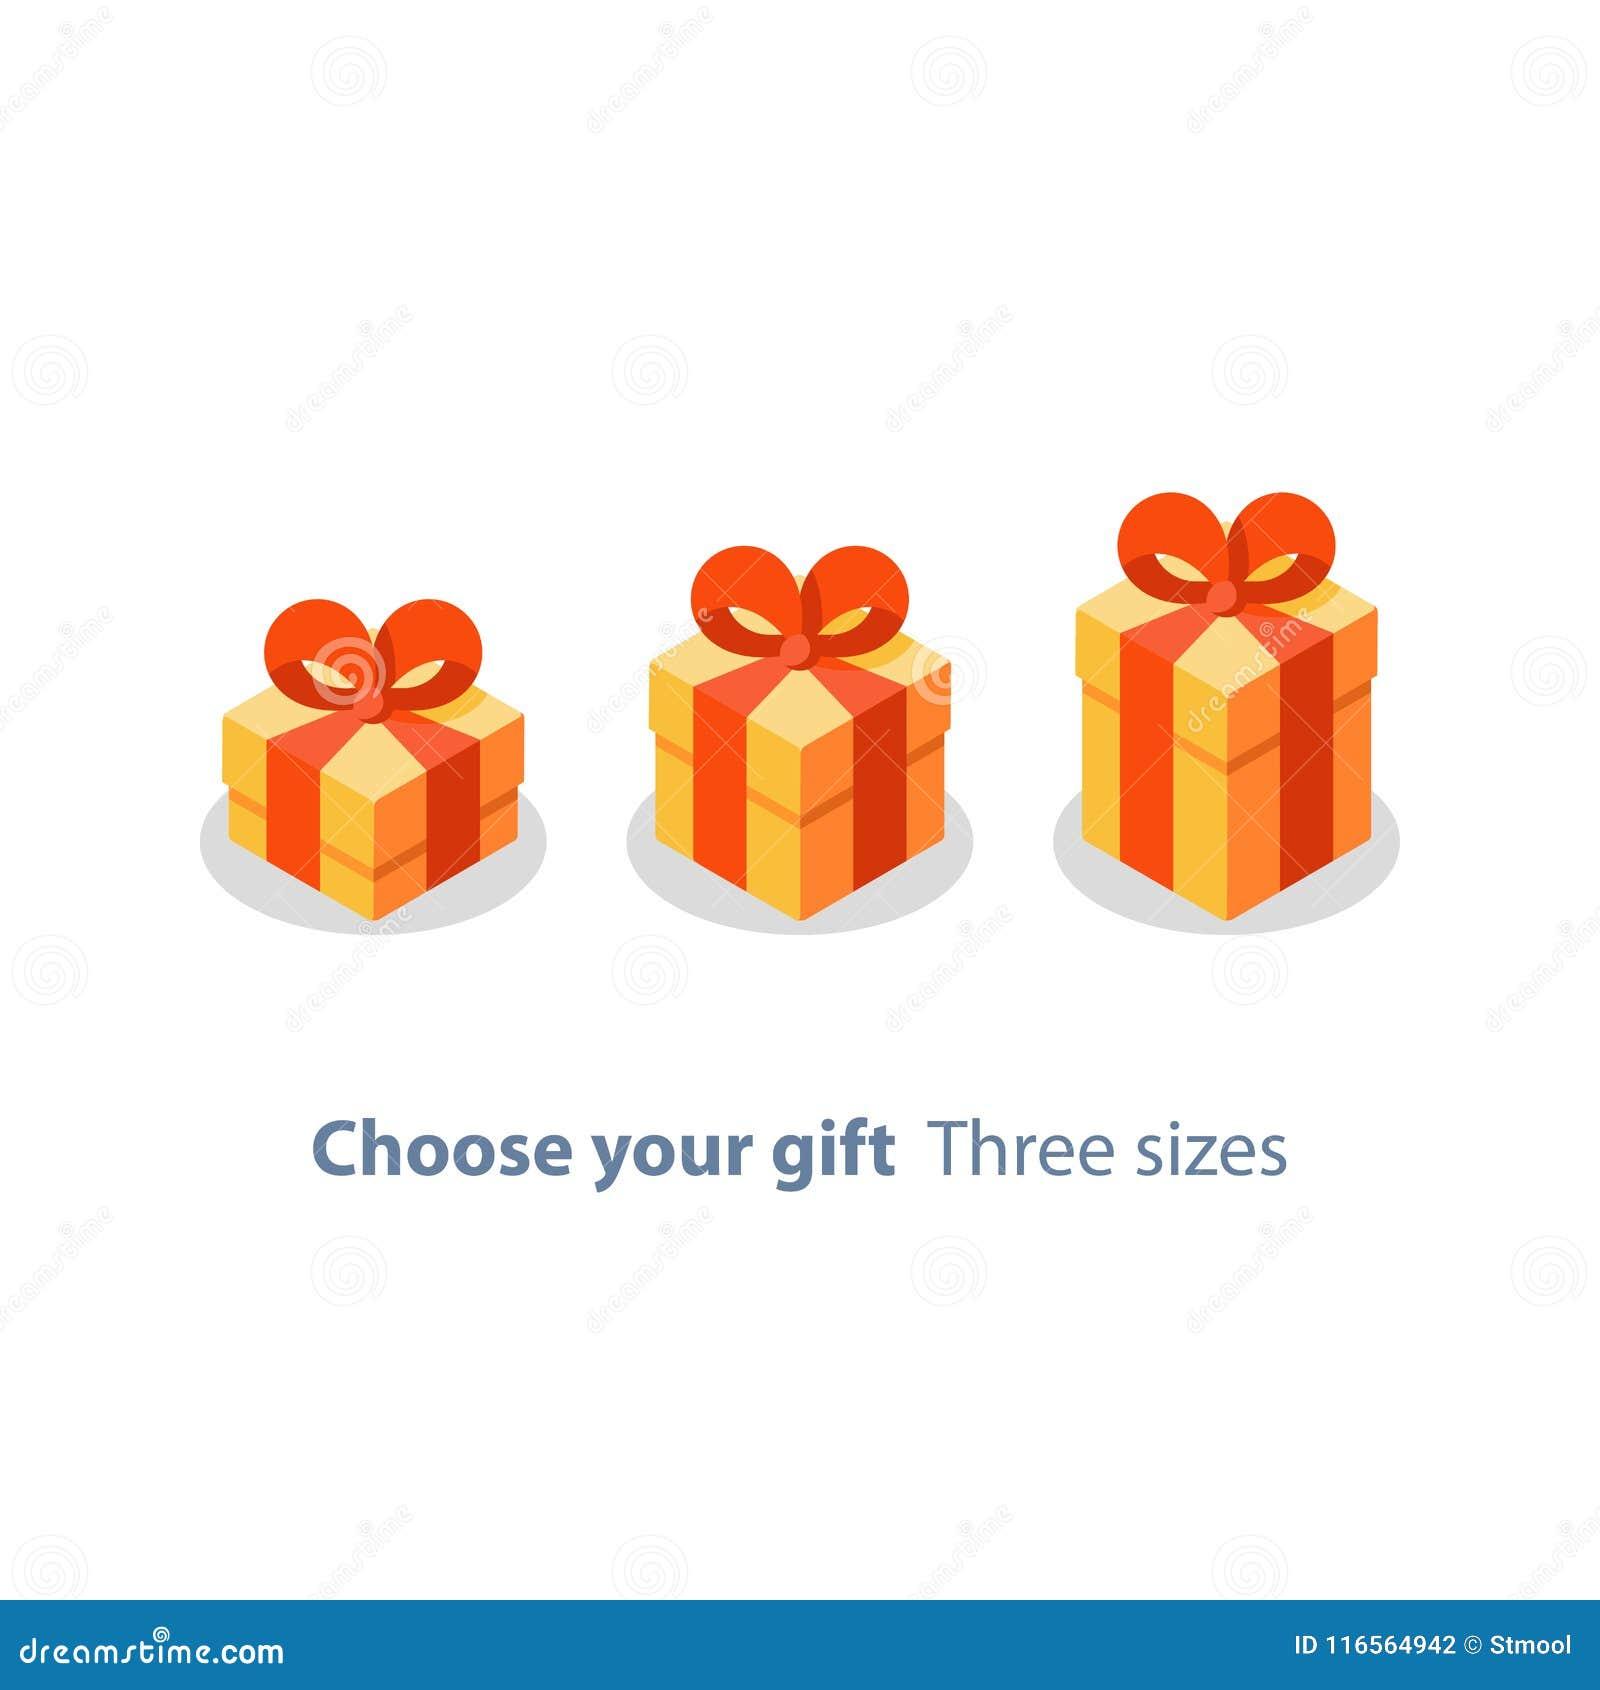 La Boite Jaune Prix trois tailles de cadeau, boîte jaune, ruban rouge, don